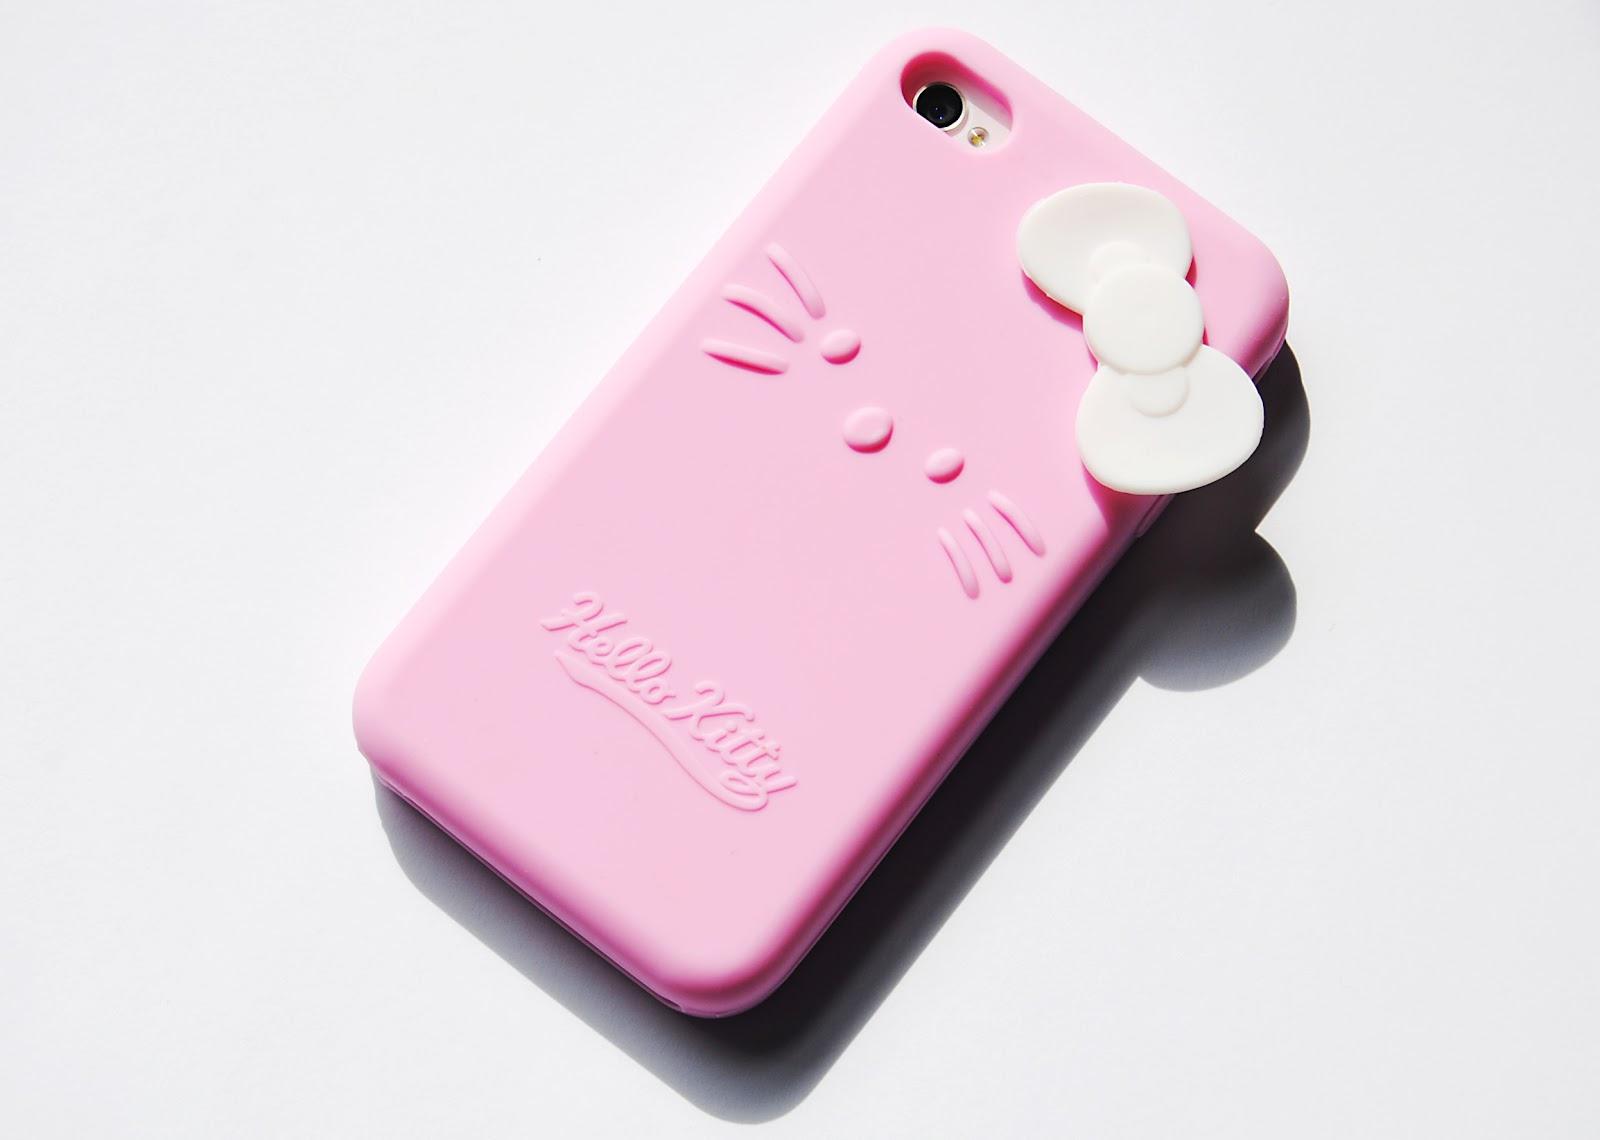 http://3.bp.blogspot.com/-ioO43Z7G3gk/UB1CuVZqd5I/AAAAAAAADng/iYqf7IOZFm0/s1600/hello+kitty+phone+case+001.jpg